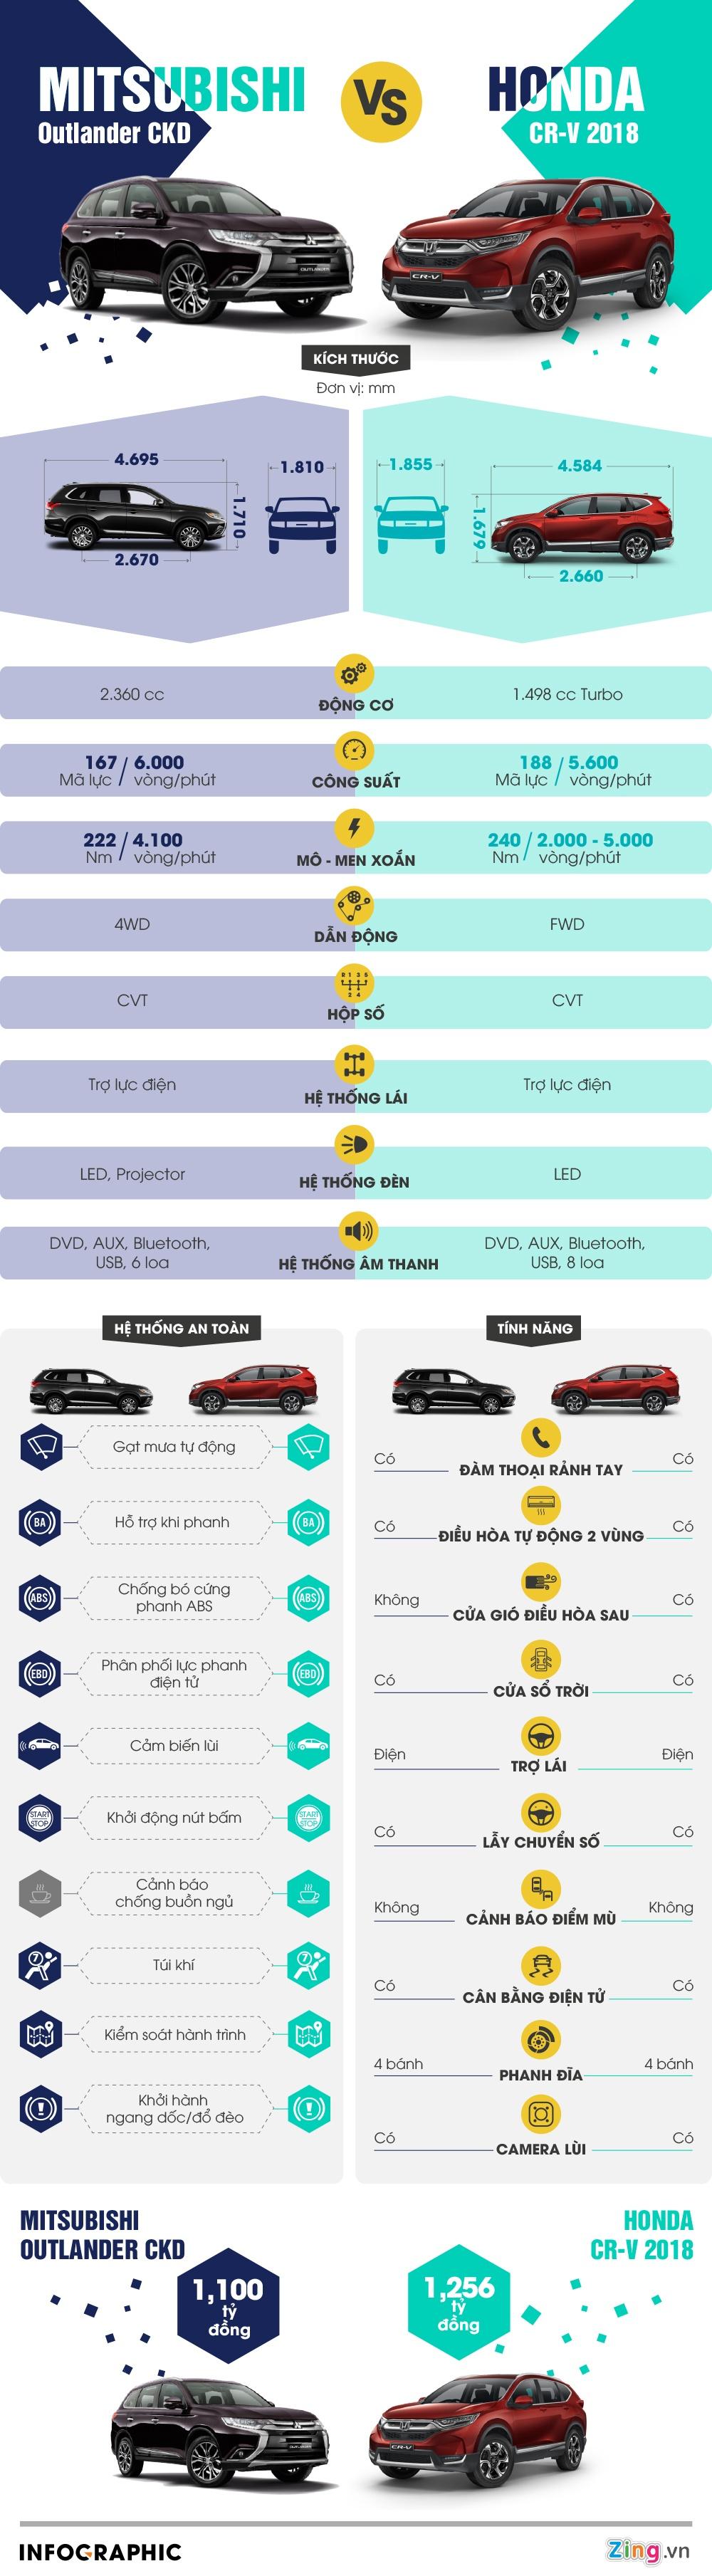 Honda CR-V 2018 so gang Mitsubishi Outlander CKD ban cao nhat hinh anh 1